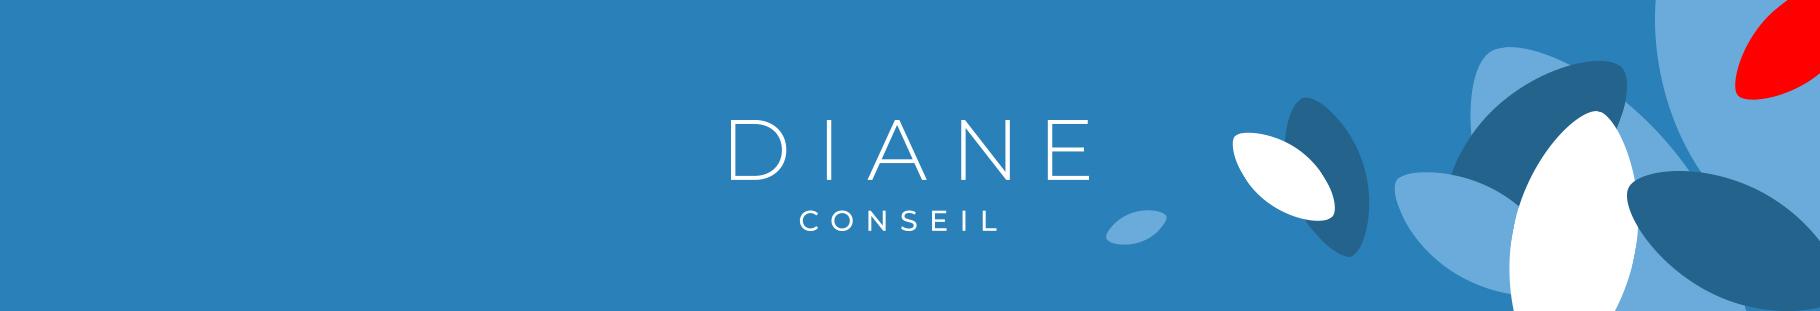 Diane conseil, cabient de recrutement de cadres dans le secteur public en france